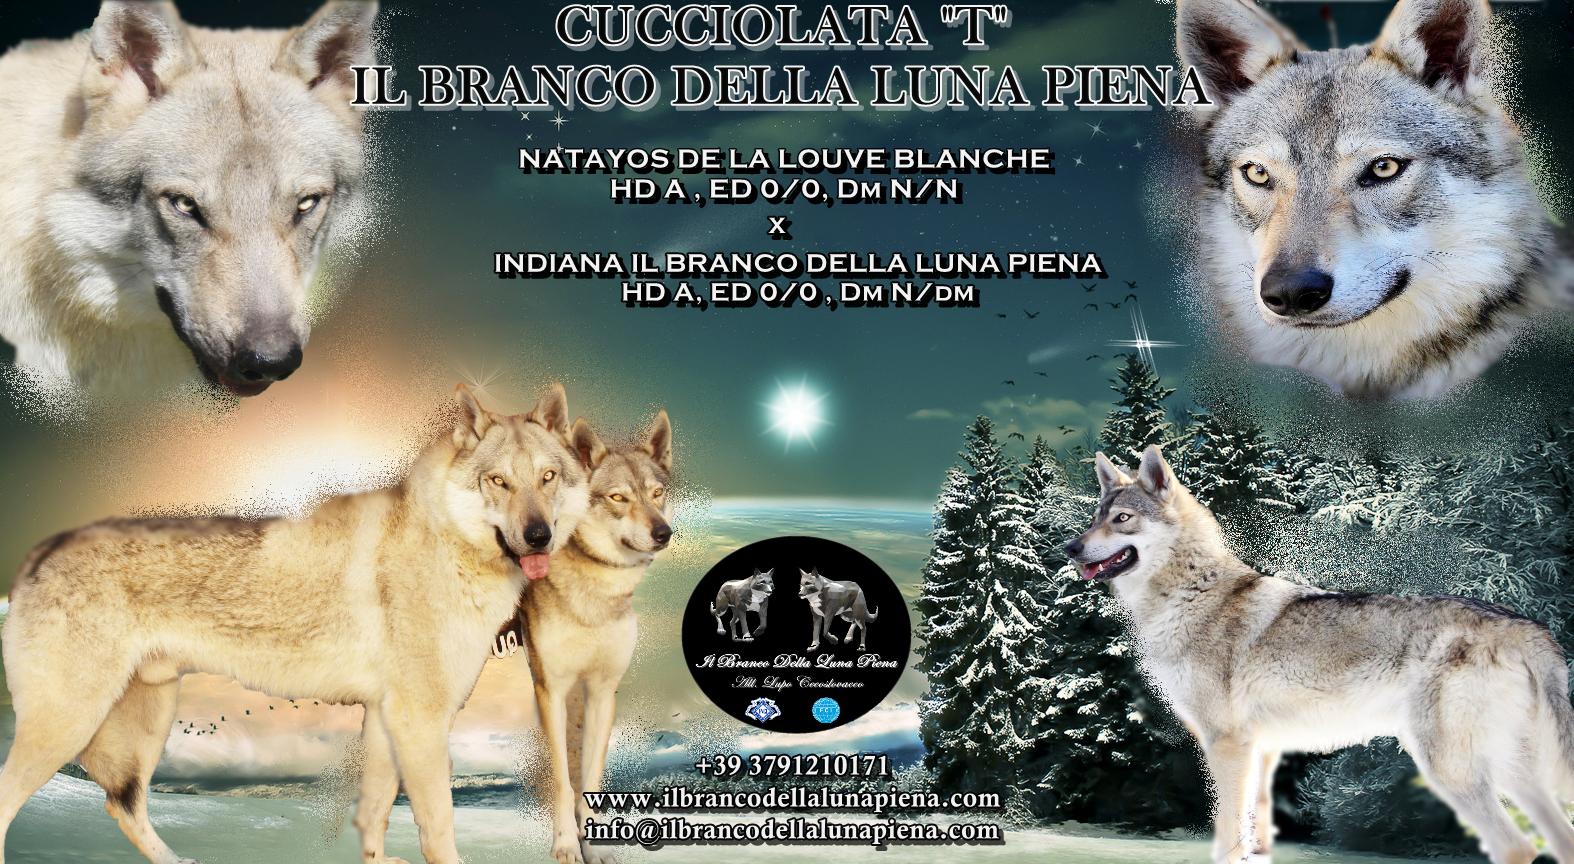 cuccioli di lupo cecoslovacco romagna , allevamento lupo cecoslovacco il branco della luna piena, SE